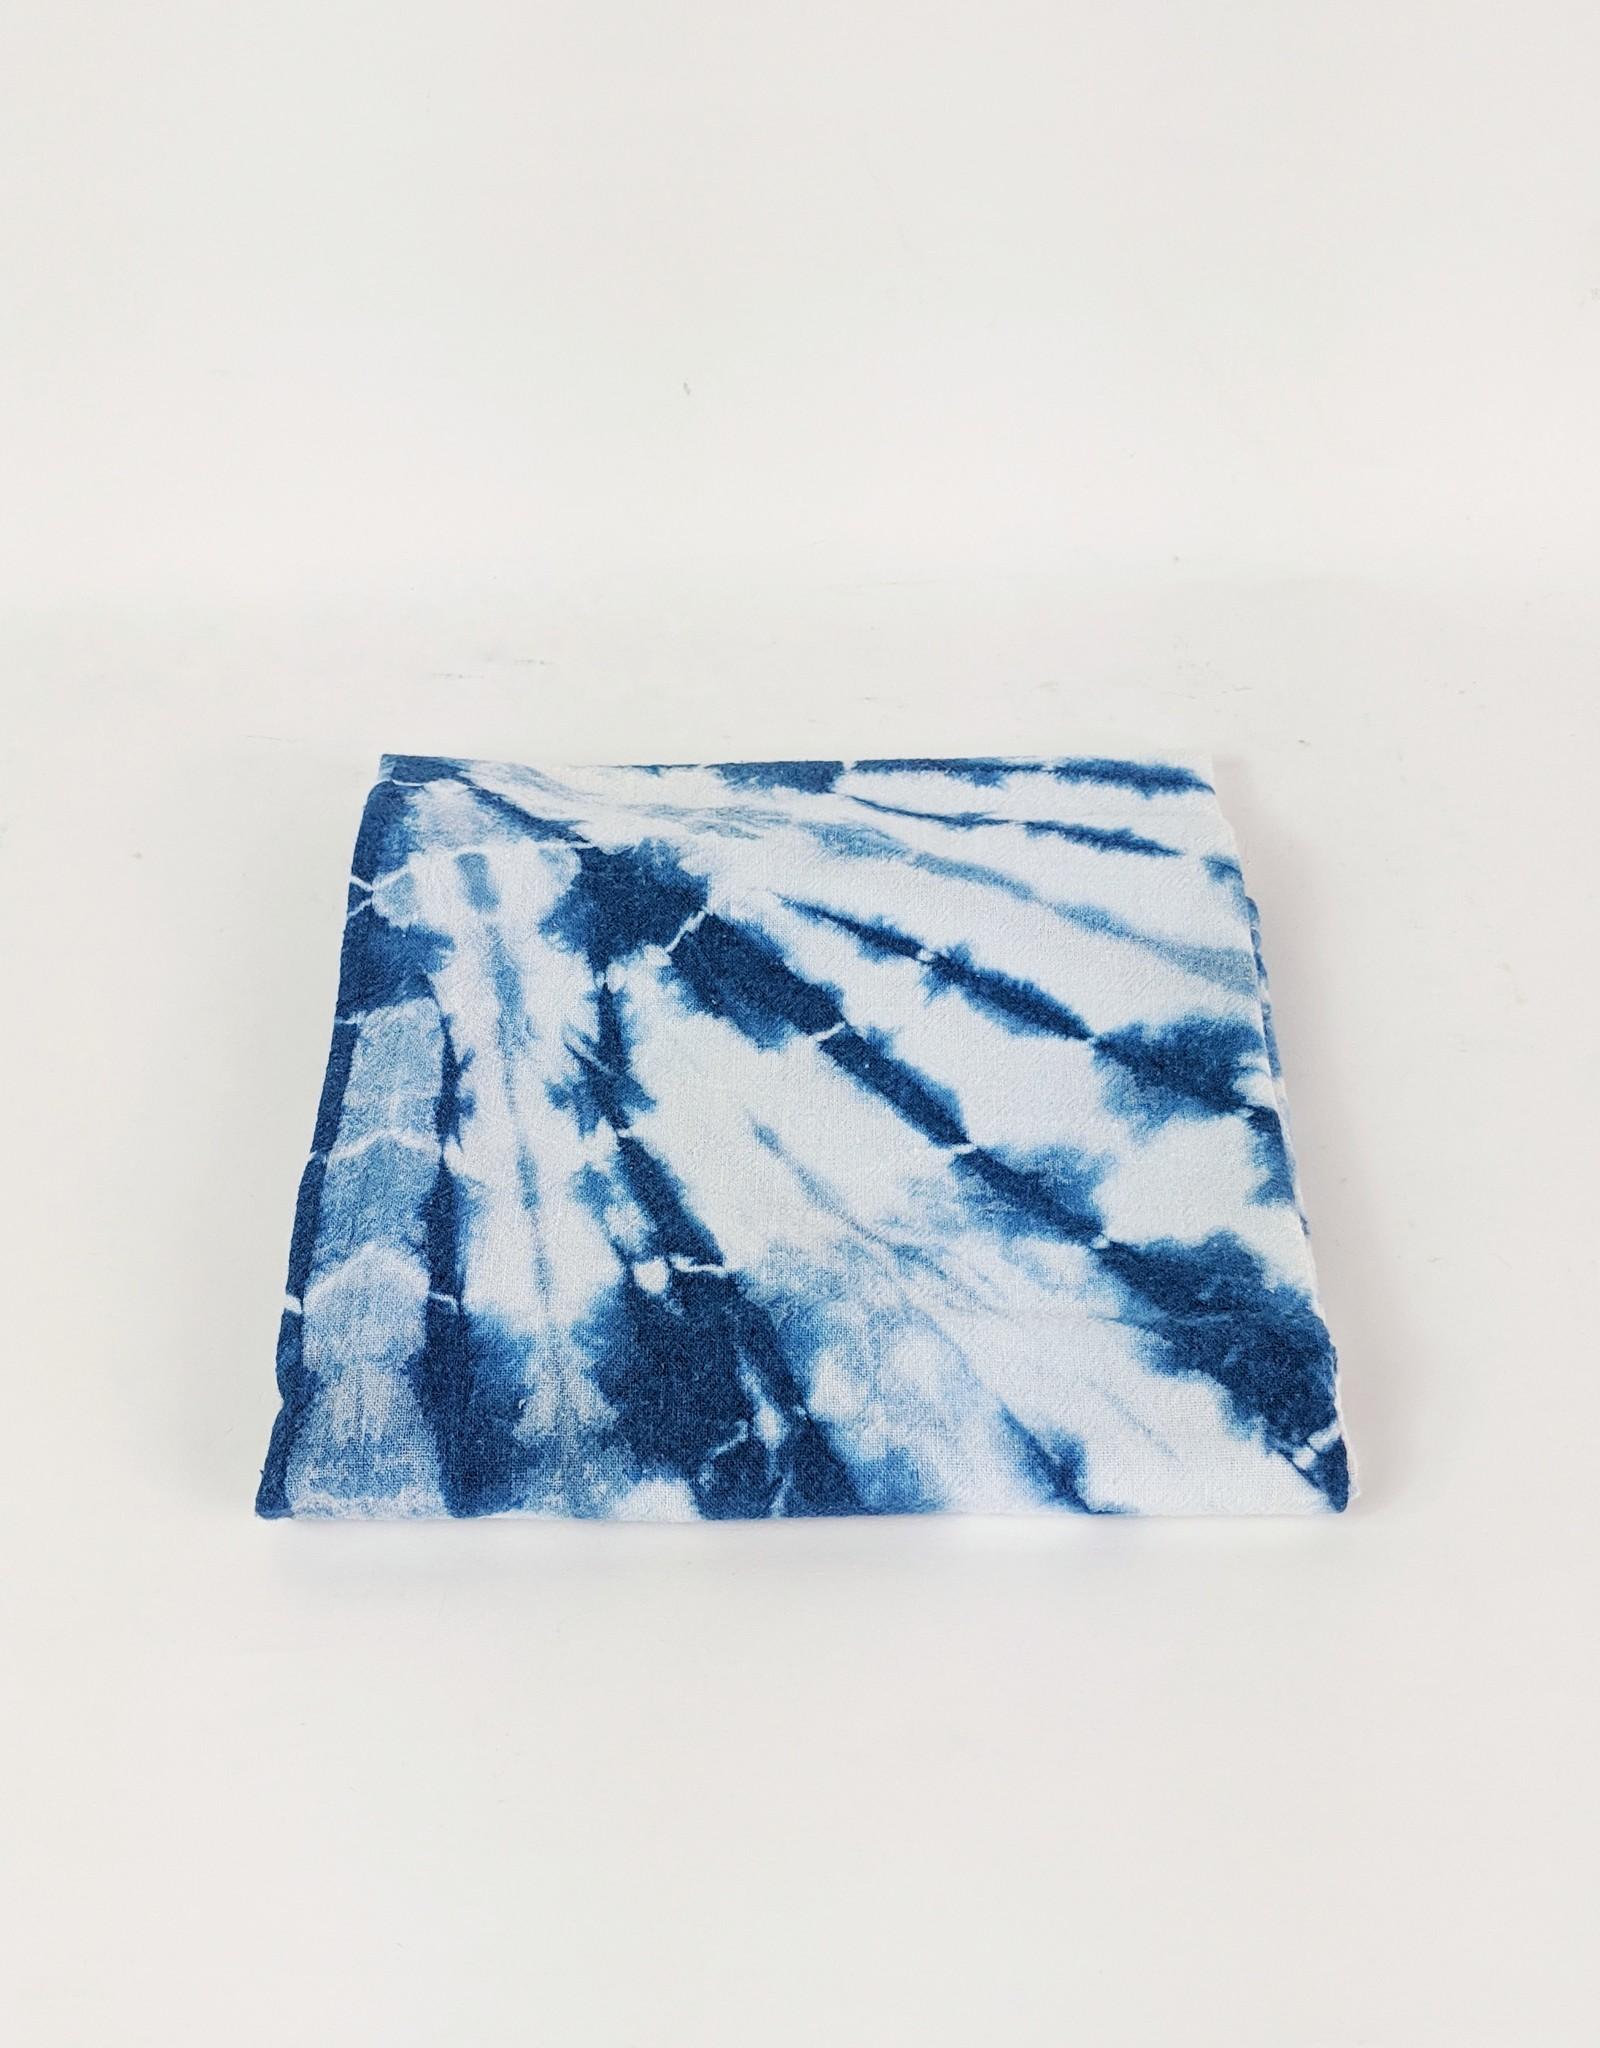 Indigo Dyed Shibori Tea Towel